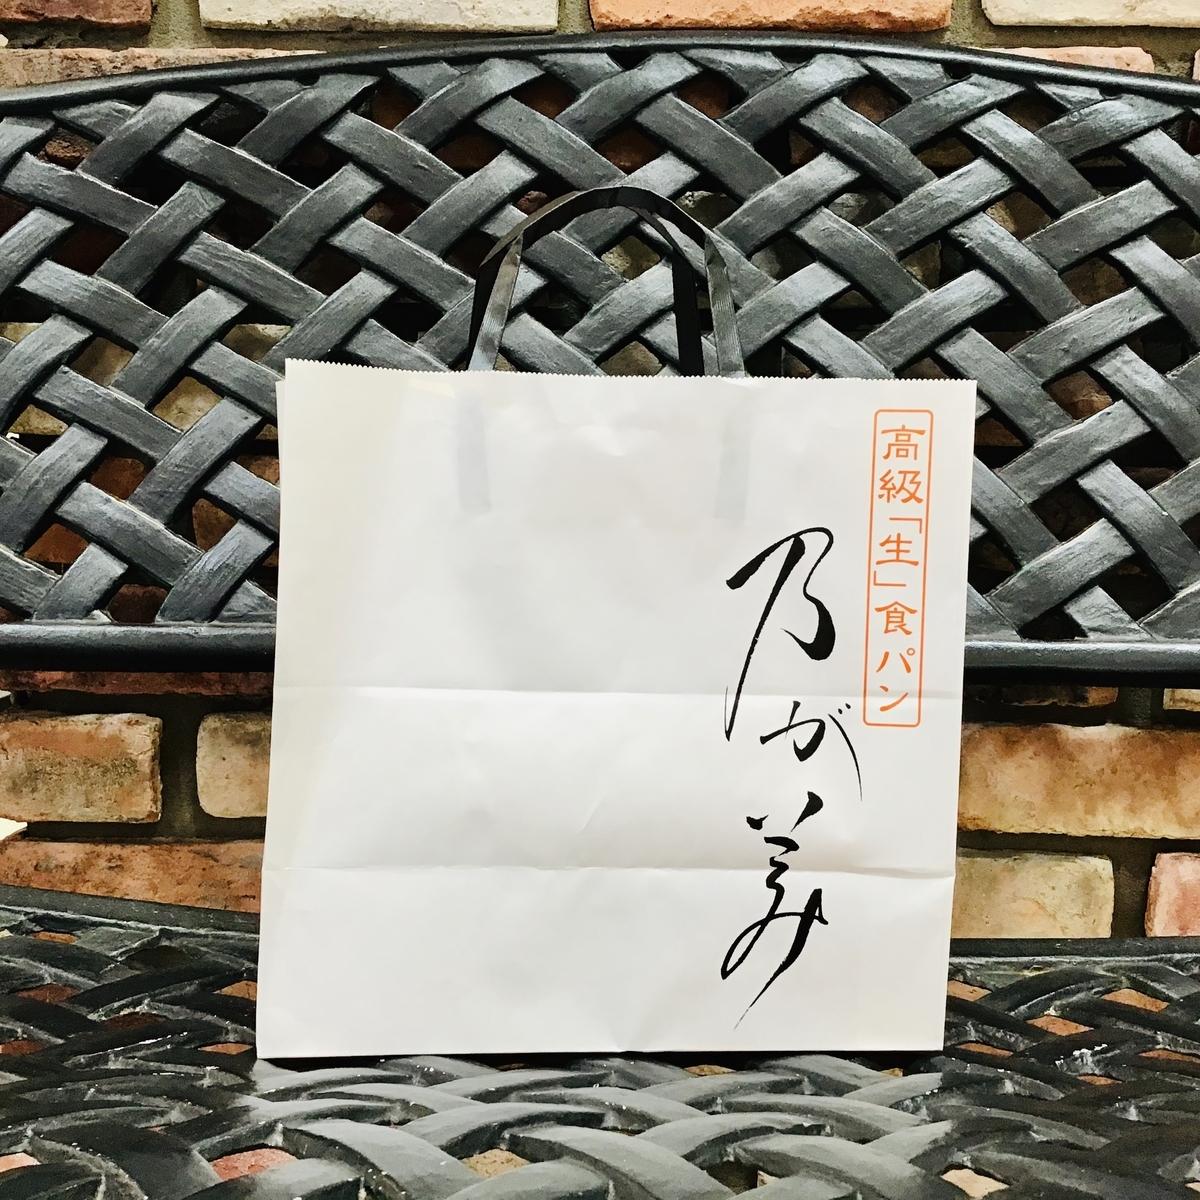 f:id:yumeusagiyukiusagi:20200405194557j:plain